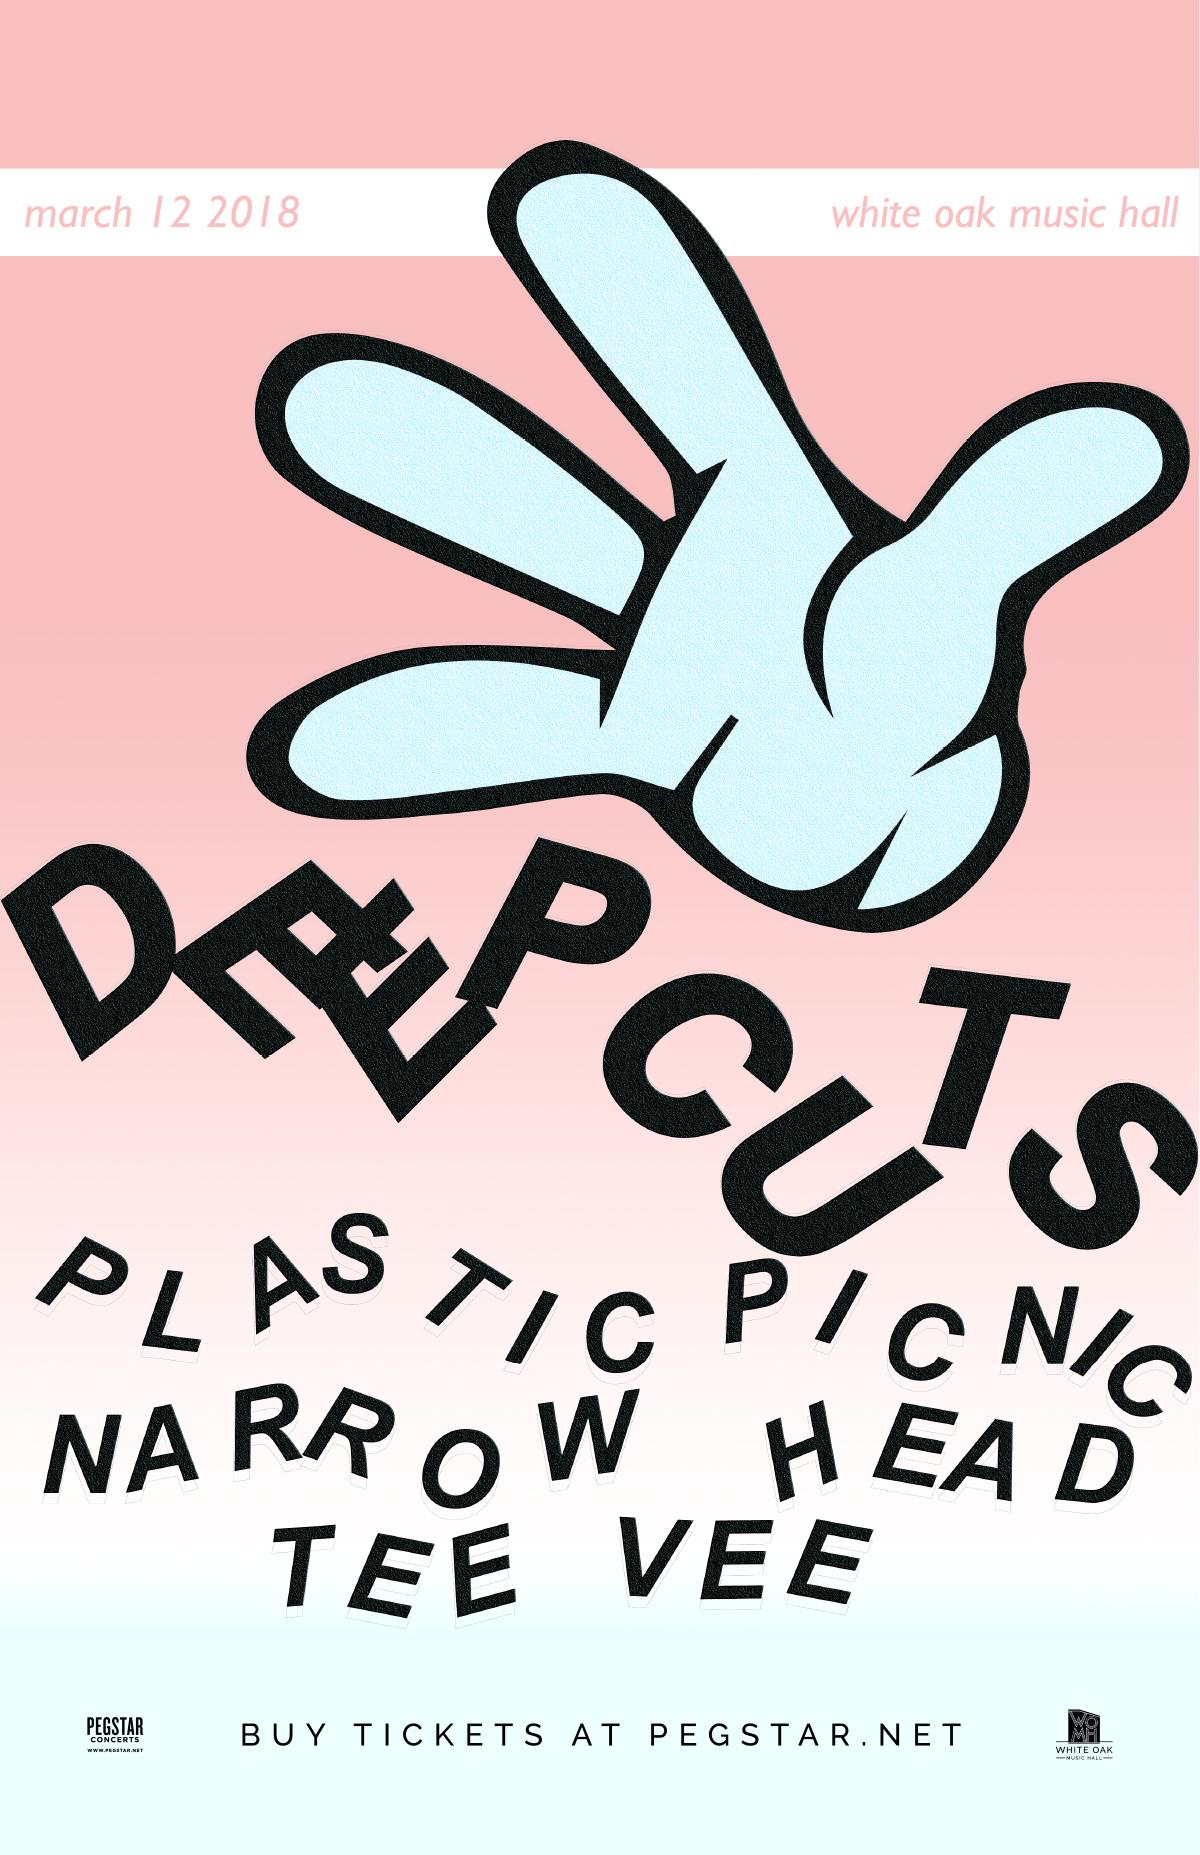 Deep Cuts, Plastic Picnic (NYC), Narrow Head, Tee Vee